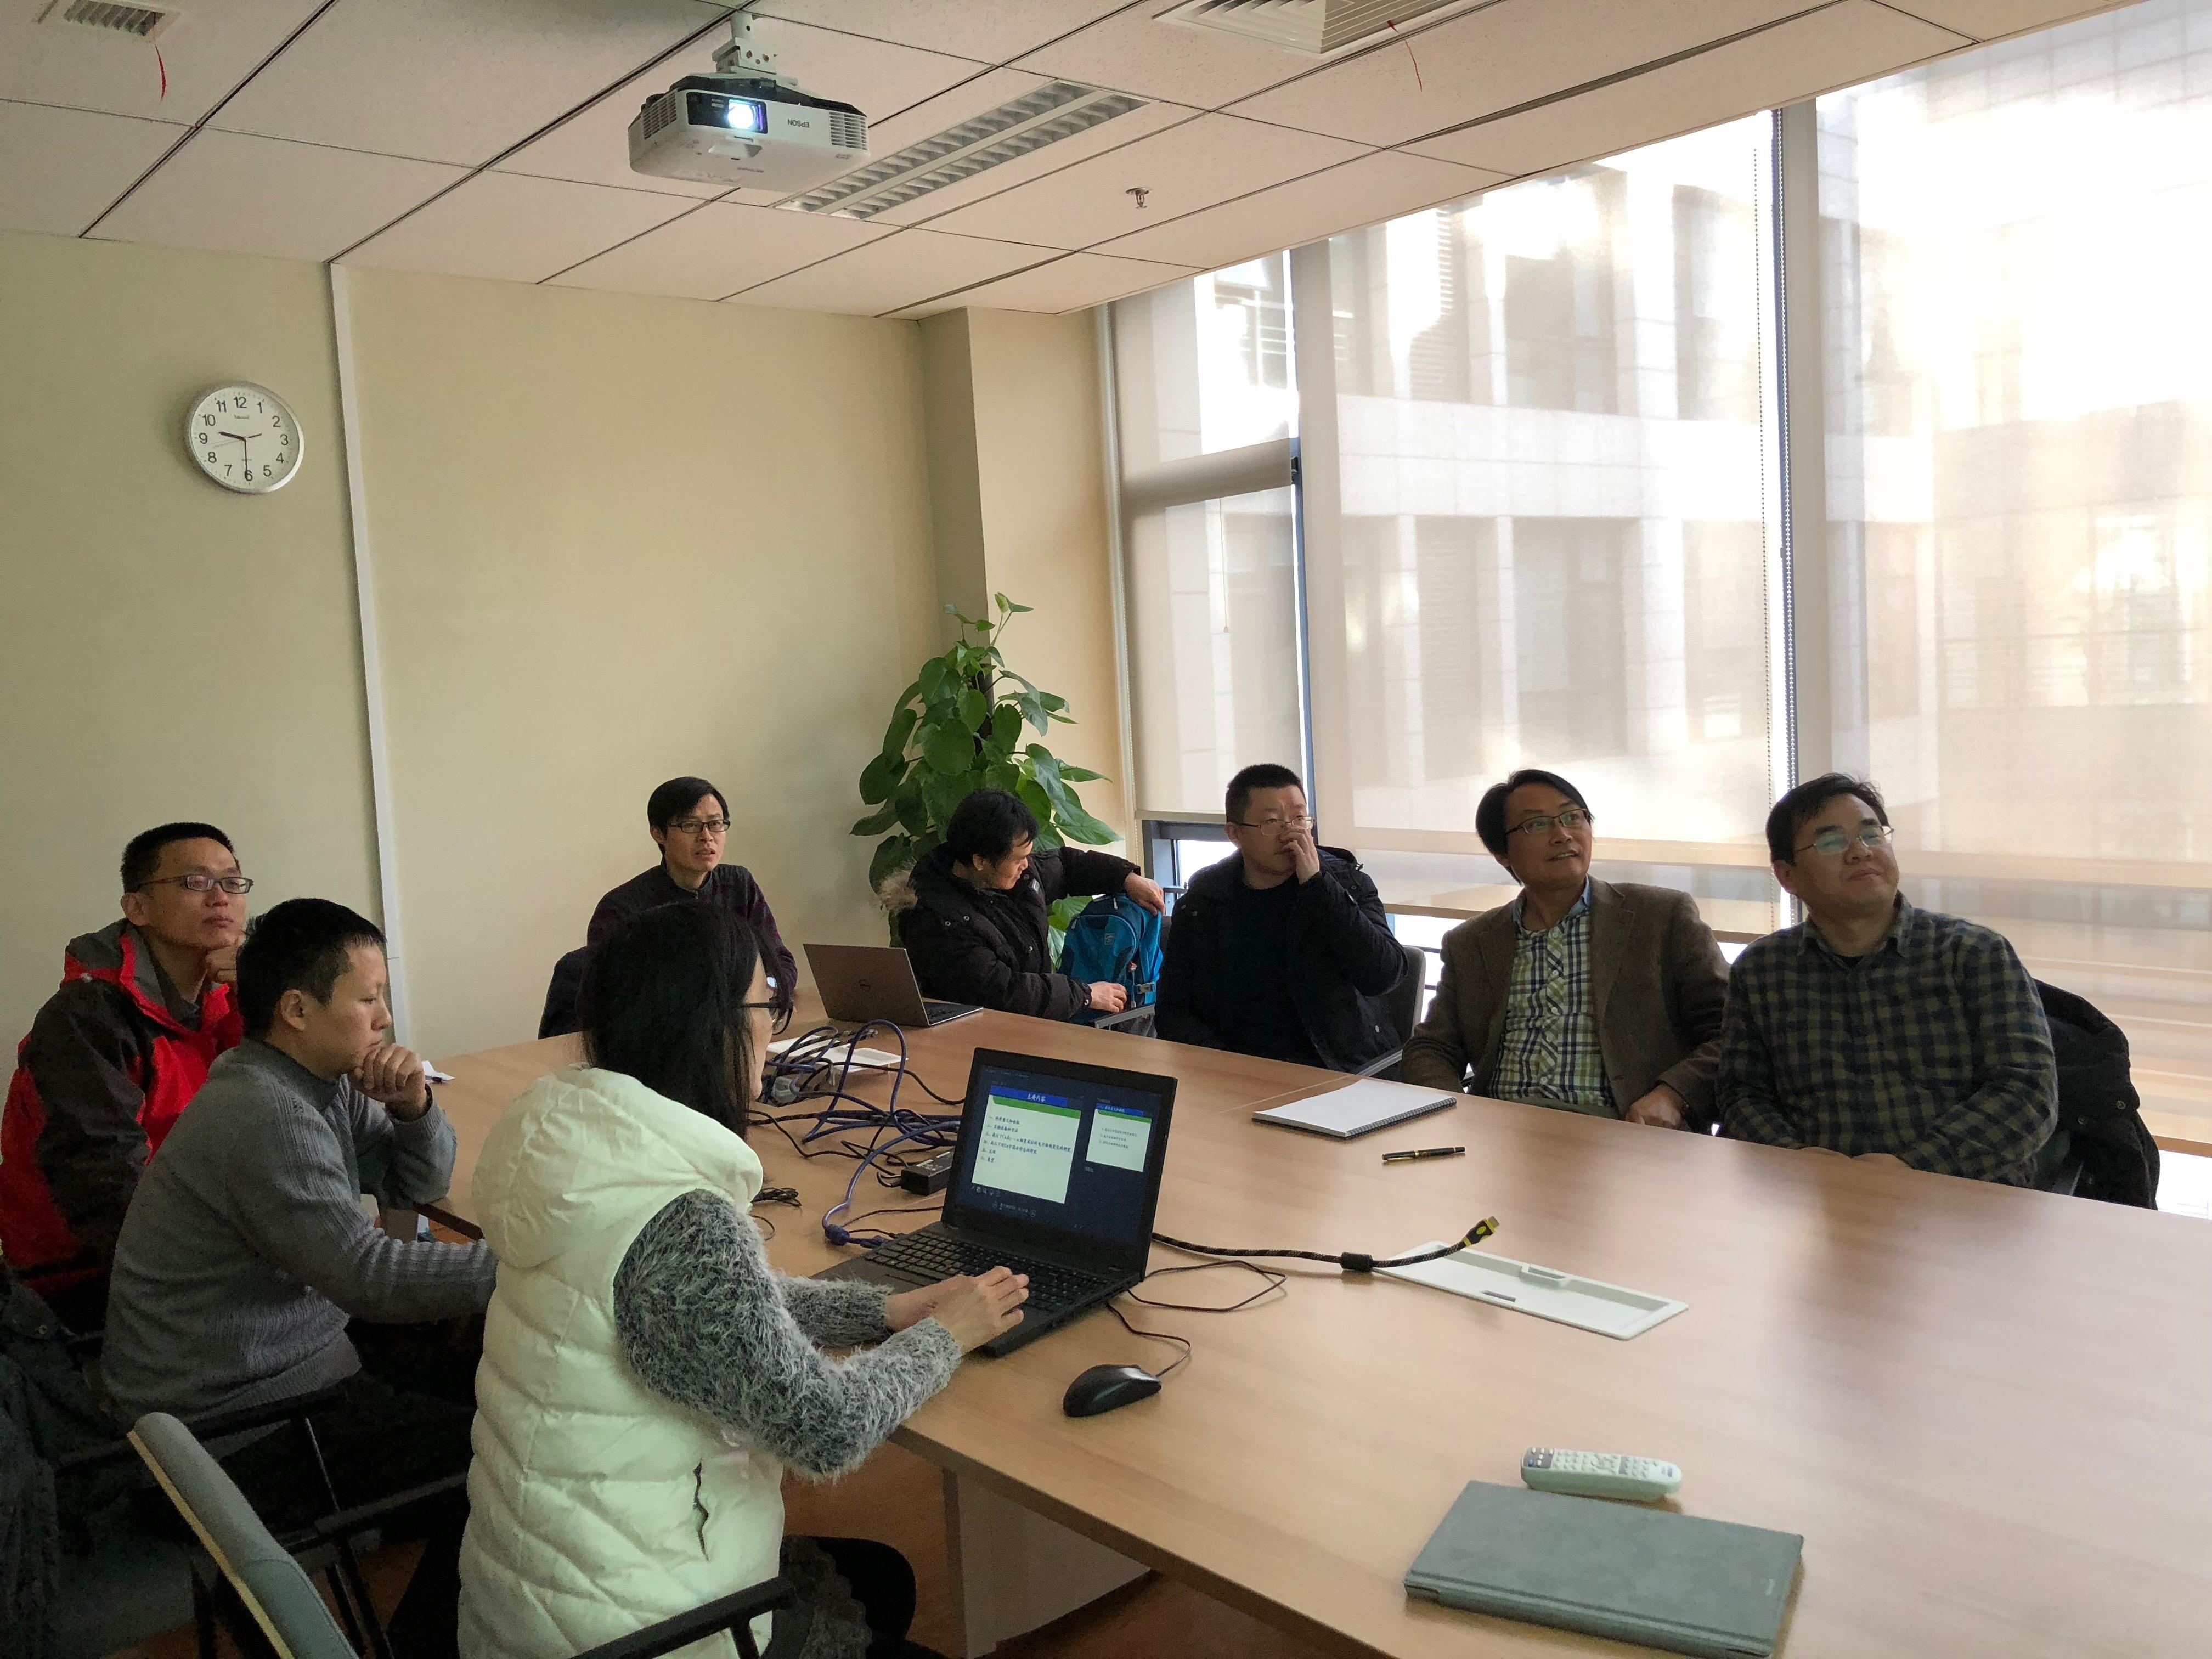 Hpstar 北京高压科学研究中心